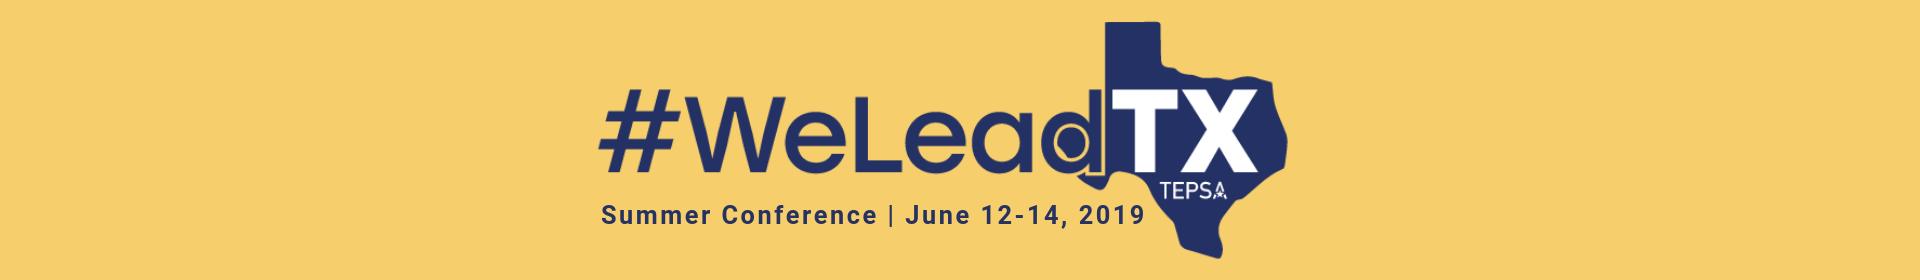 TEPSA Summer Conference Event Banner